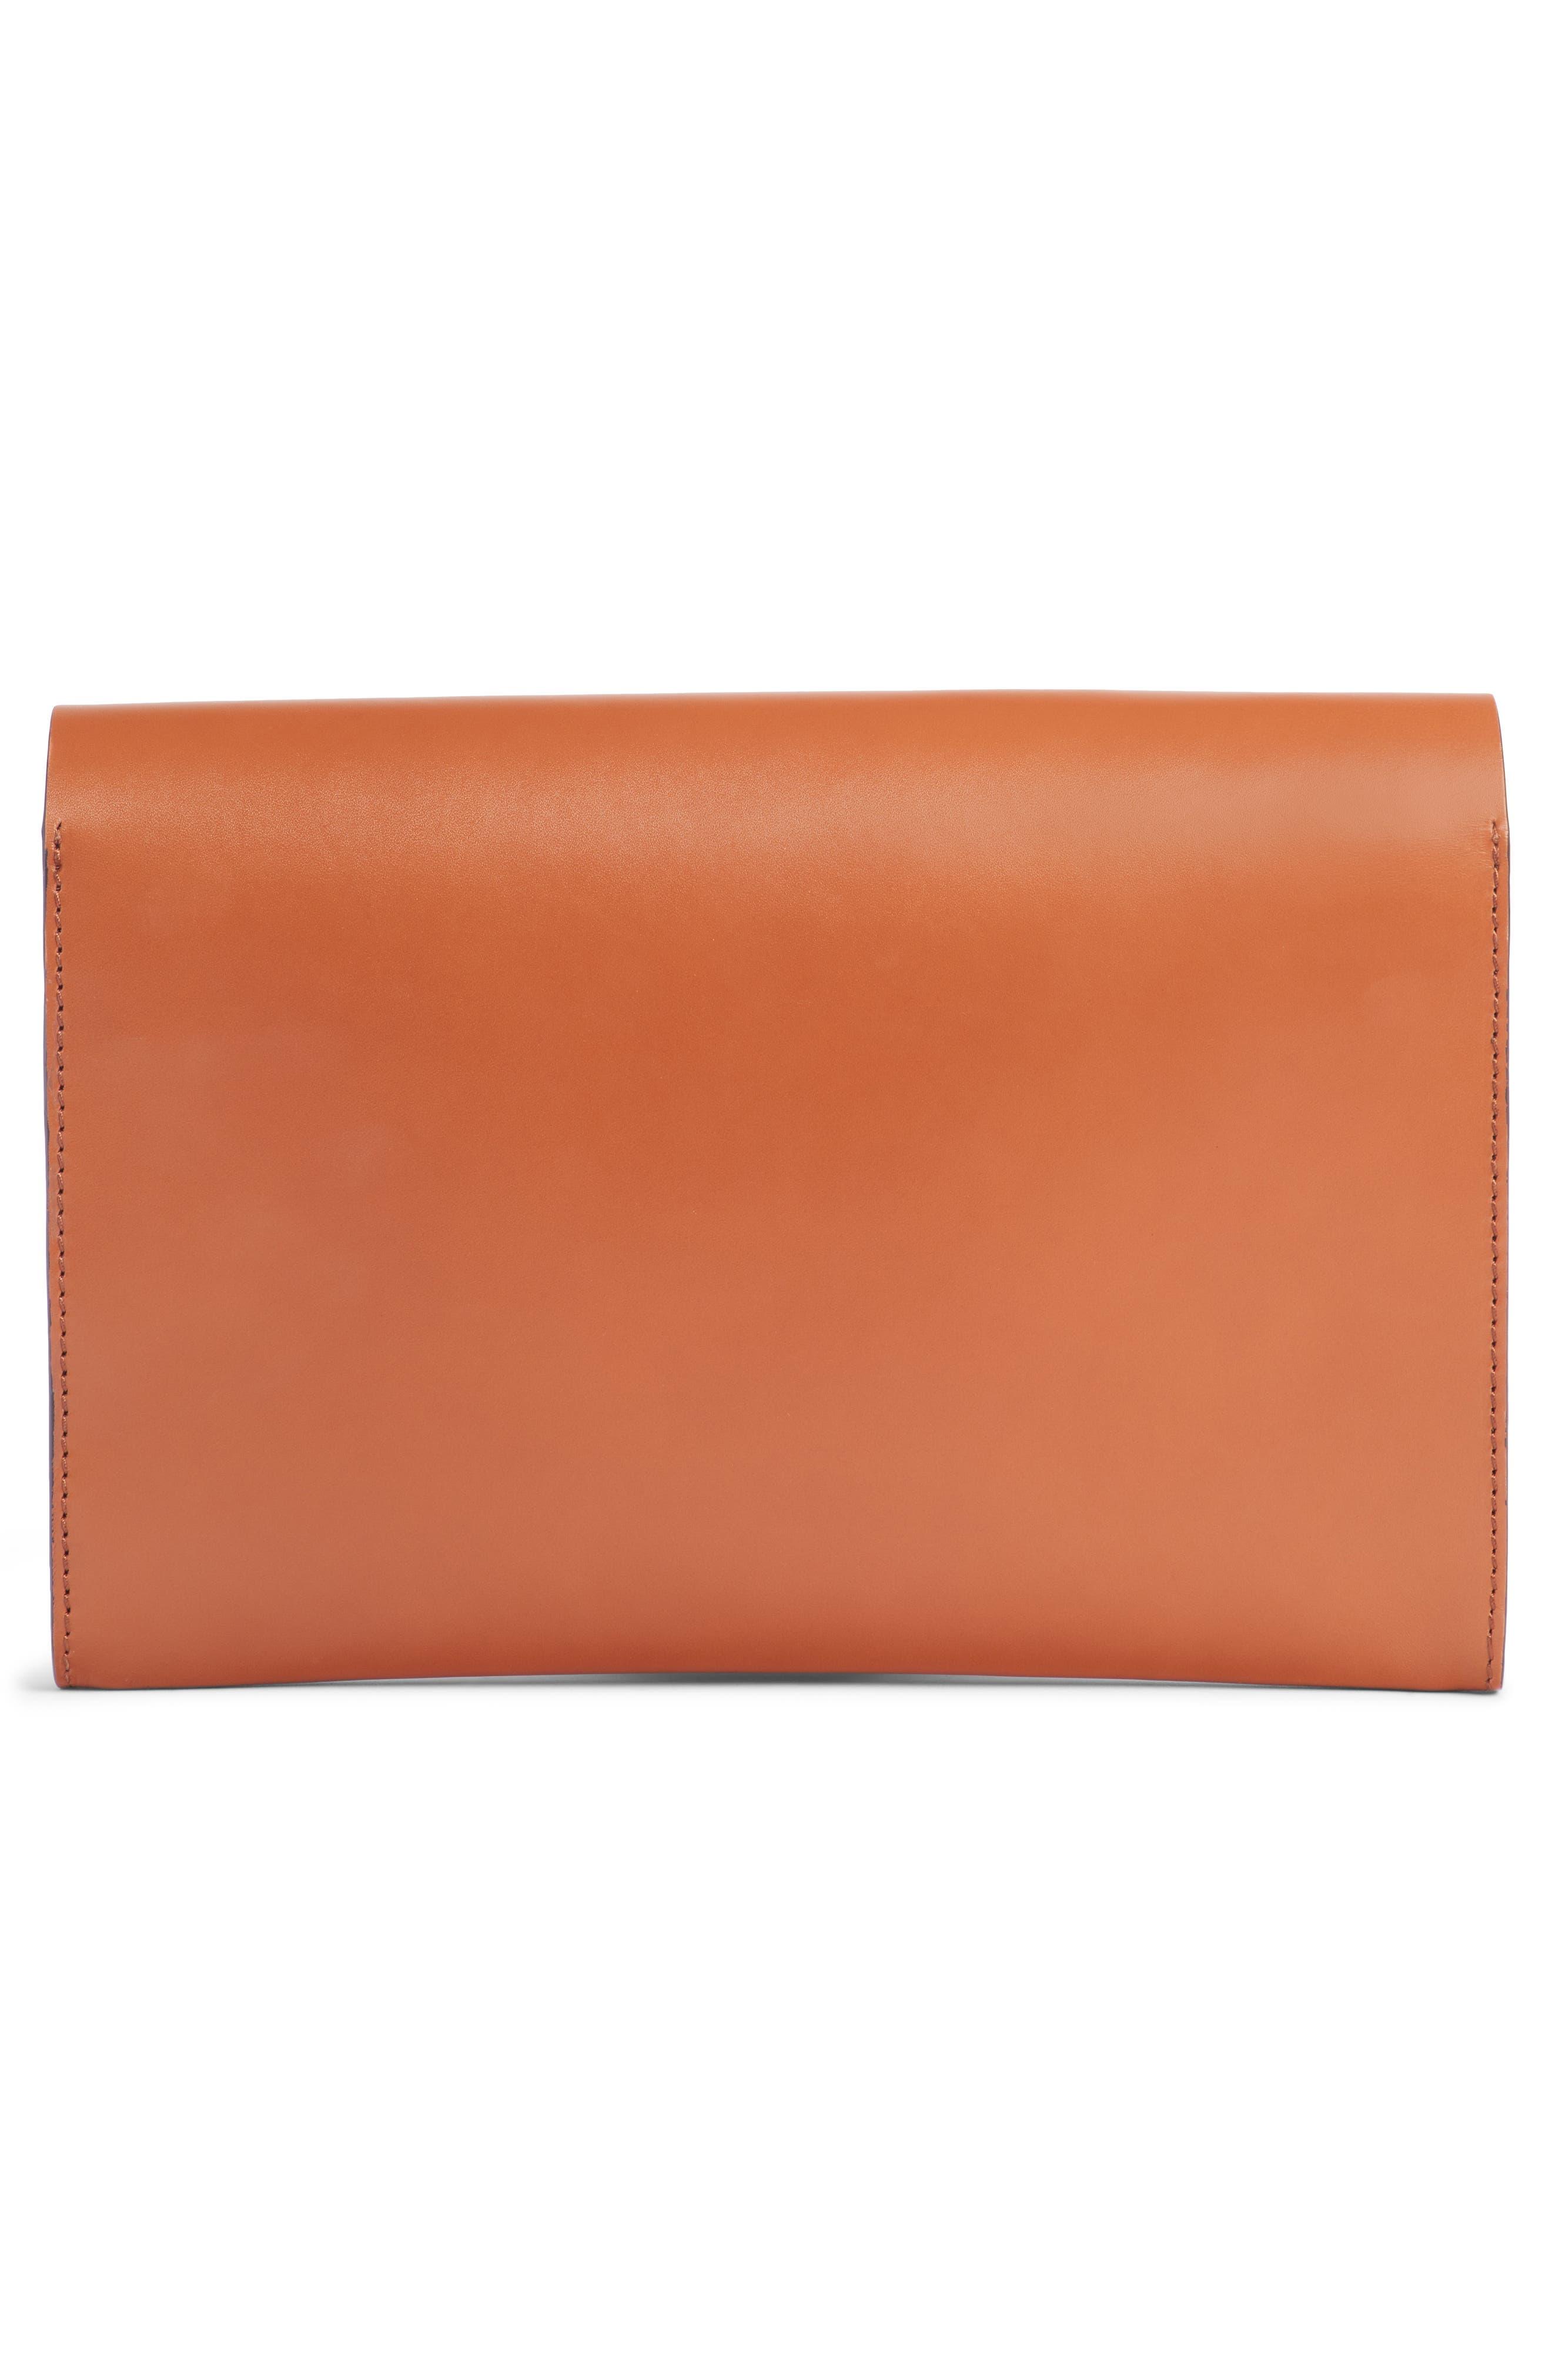 DRIES VAN NOTEN,                             Leather Envelope Clutch,                             Alternate thumbnail 2, color,                             200